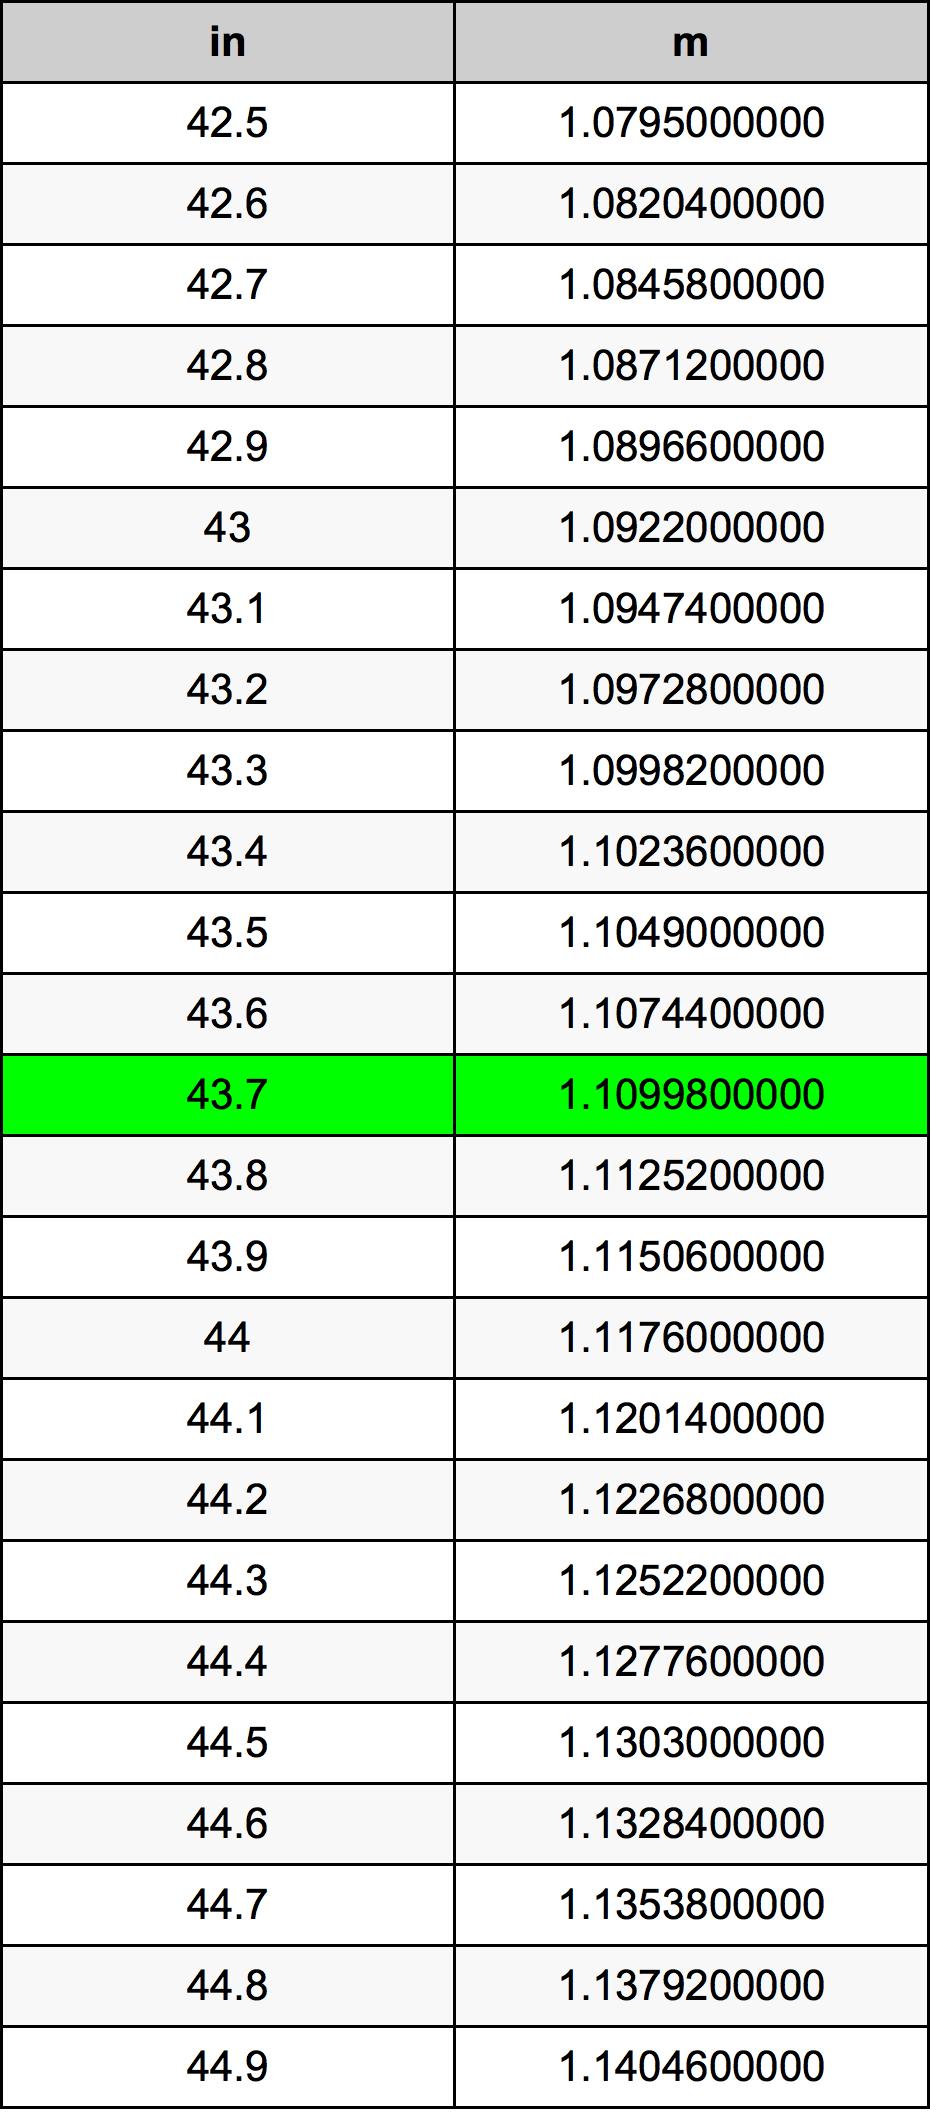 43.7 инч Таблица за преобразуване